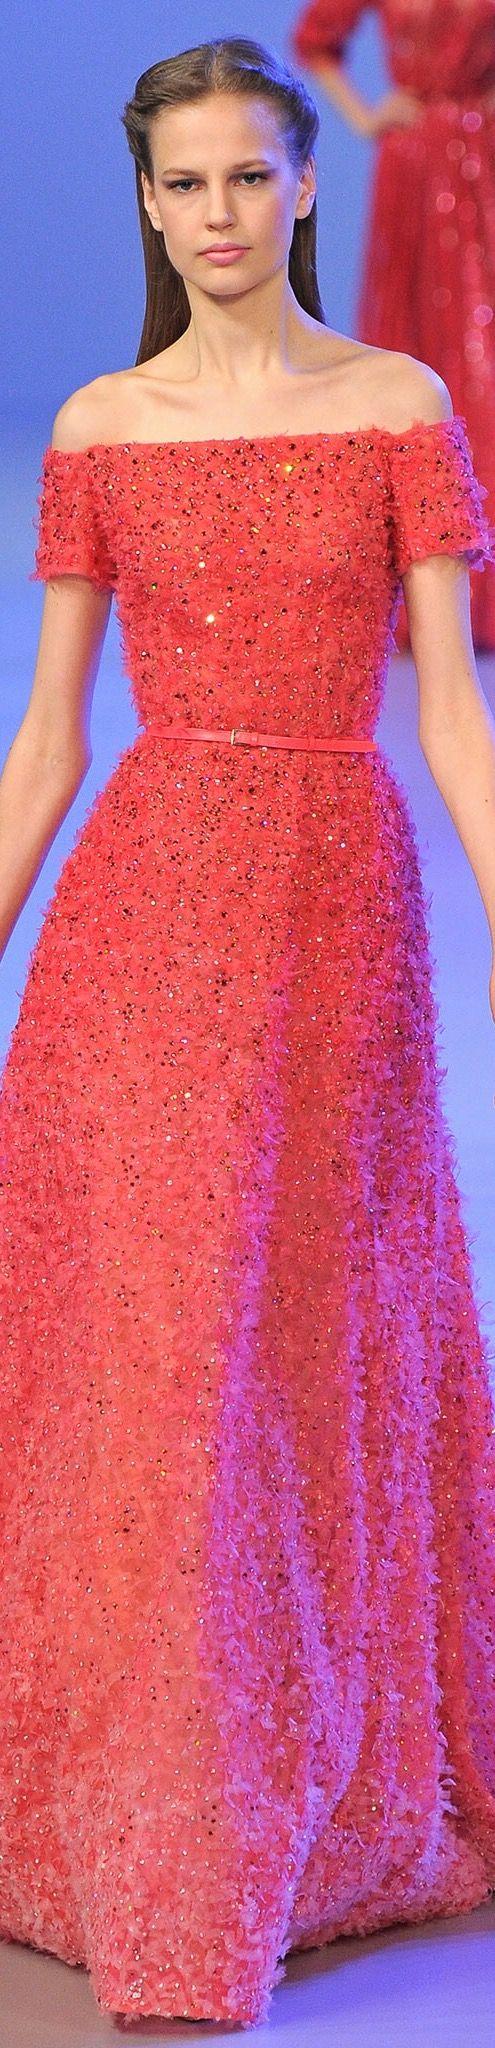 Excepcional Vestido De Fiesta Chicago Imágenes - Ideas de Vestido ...